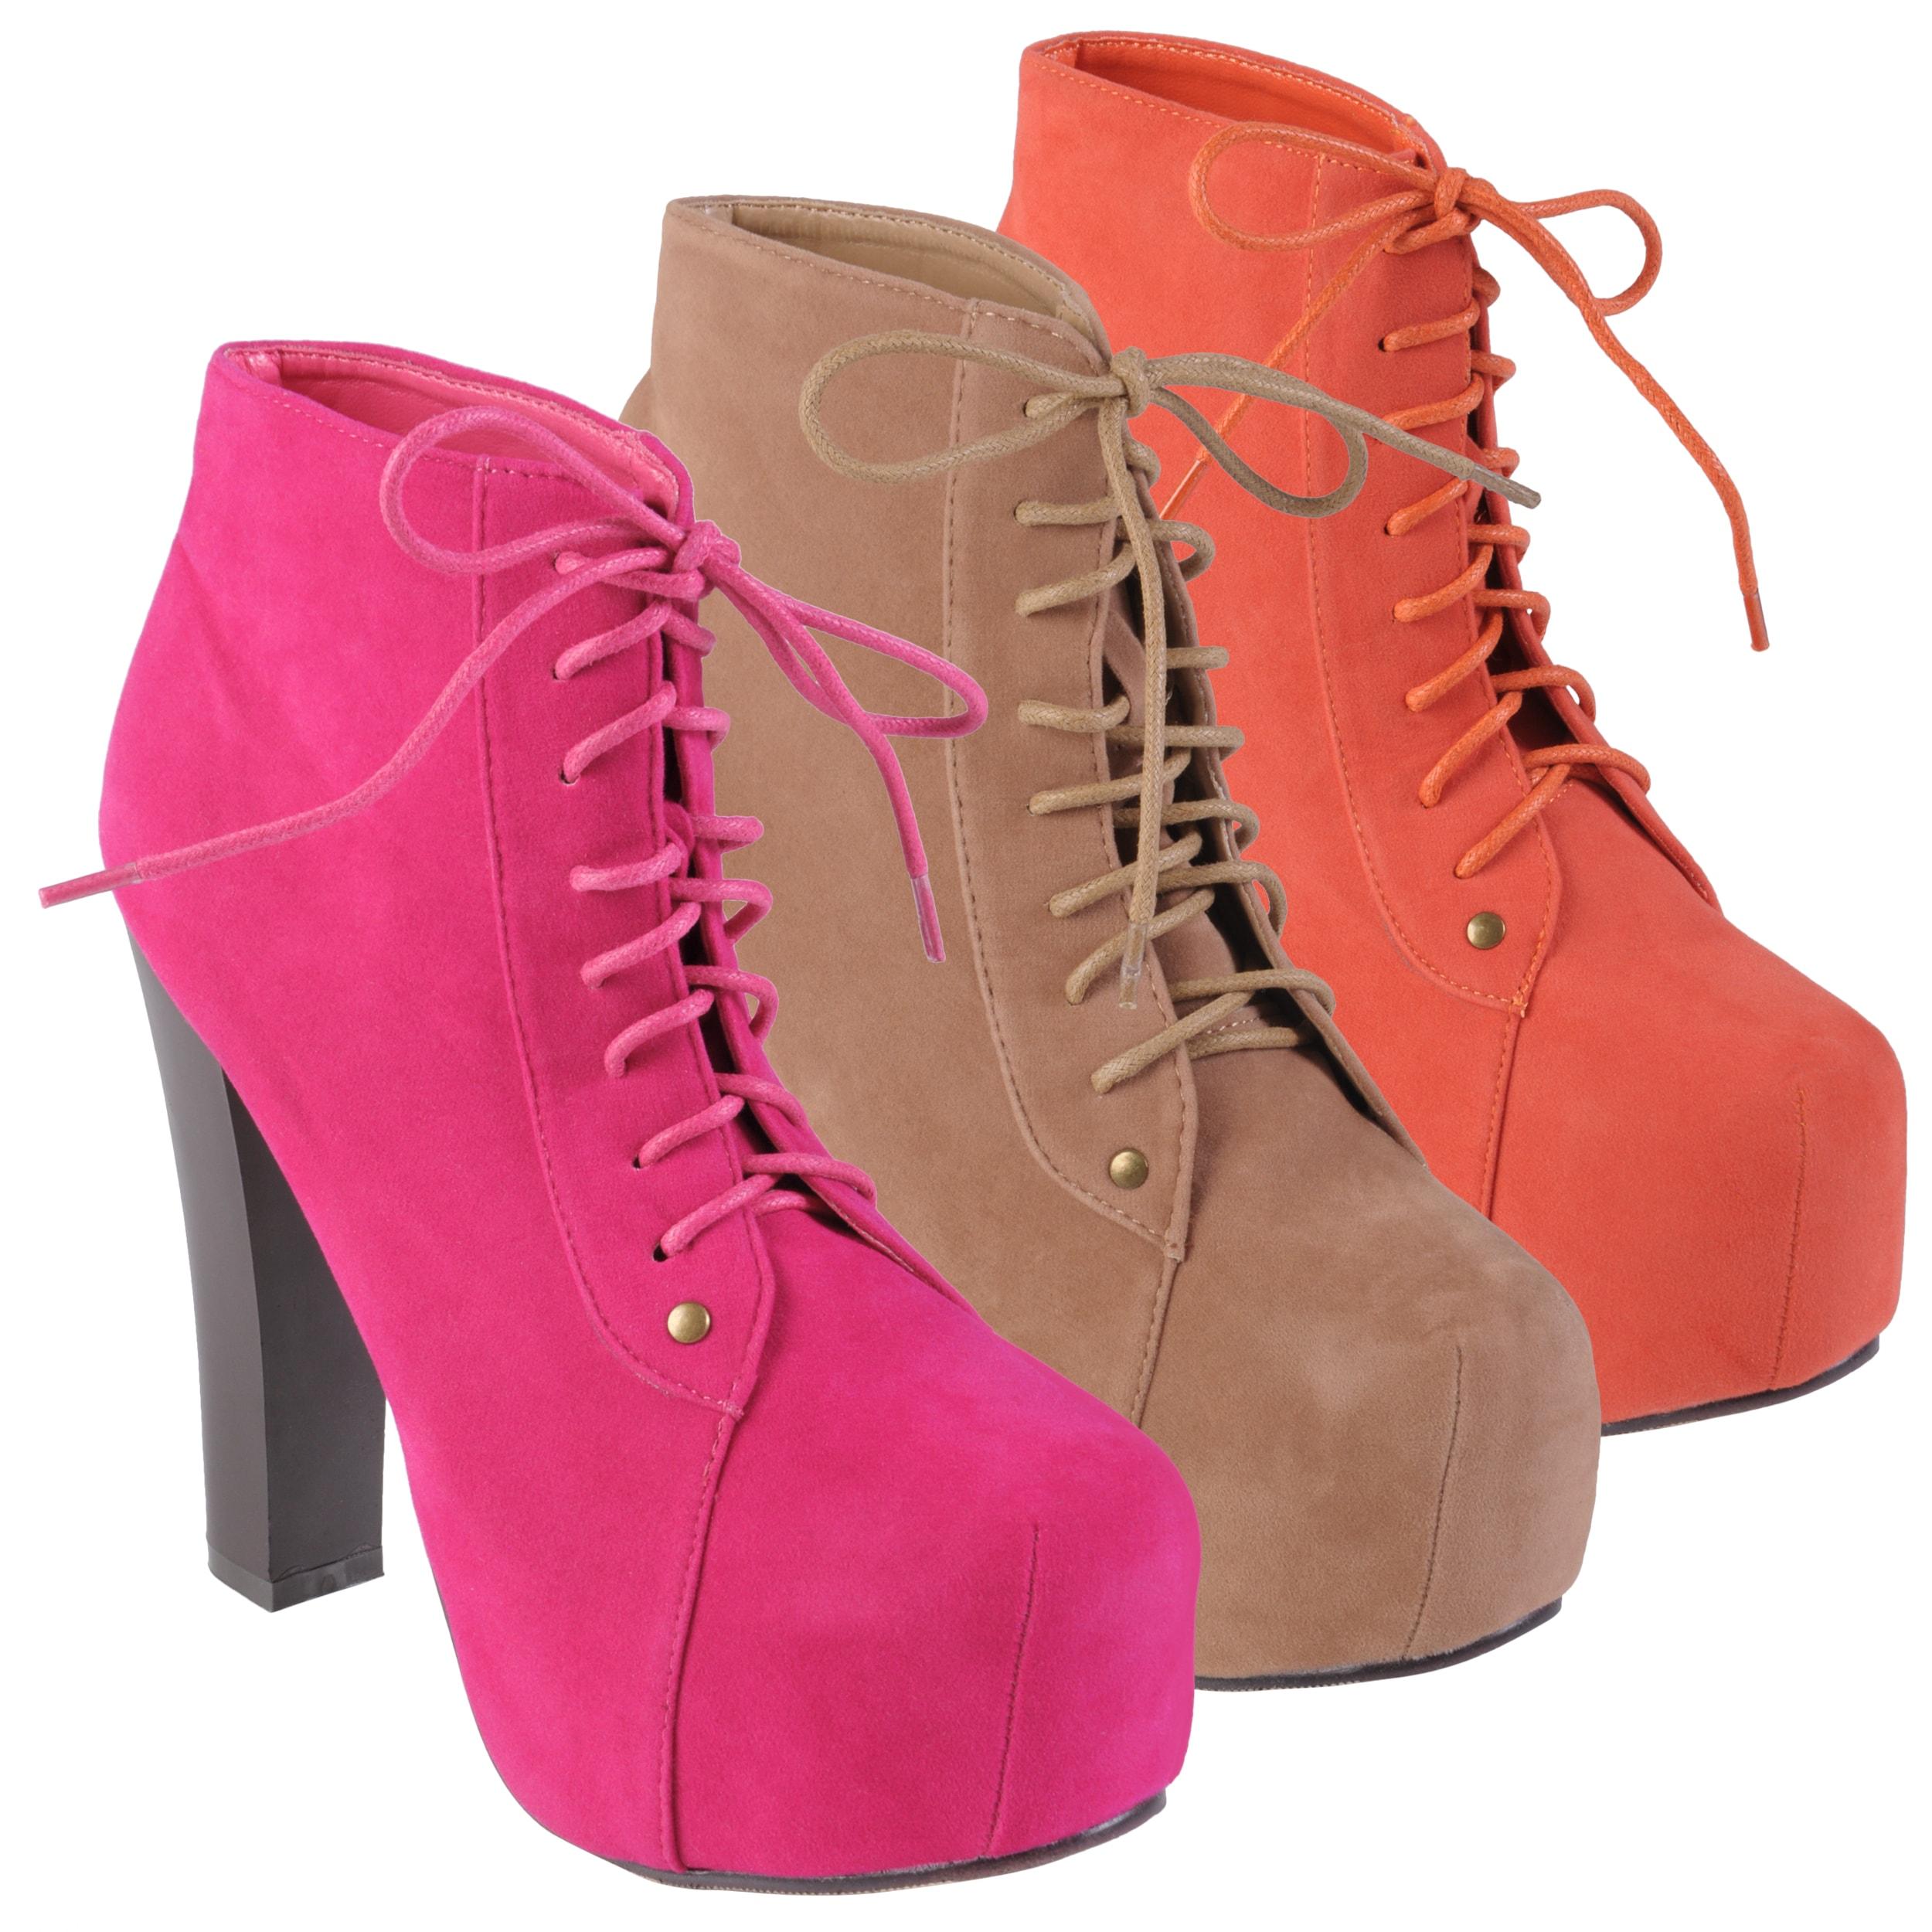 Journee Collection Women's 'Victoria-1' High Heel Sueded Booties